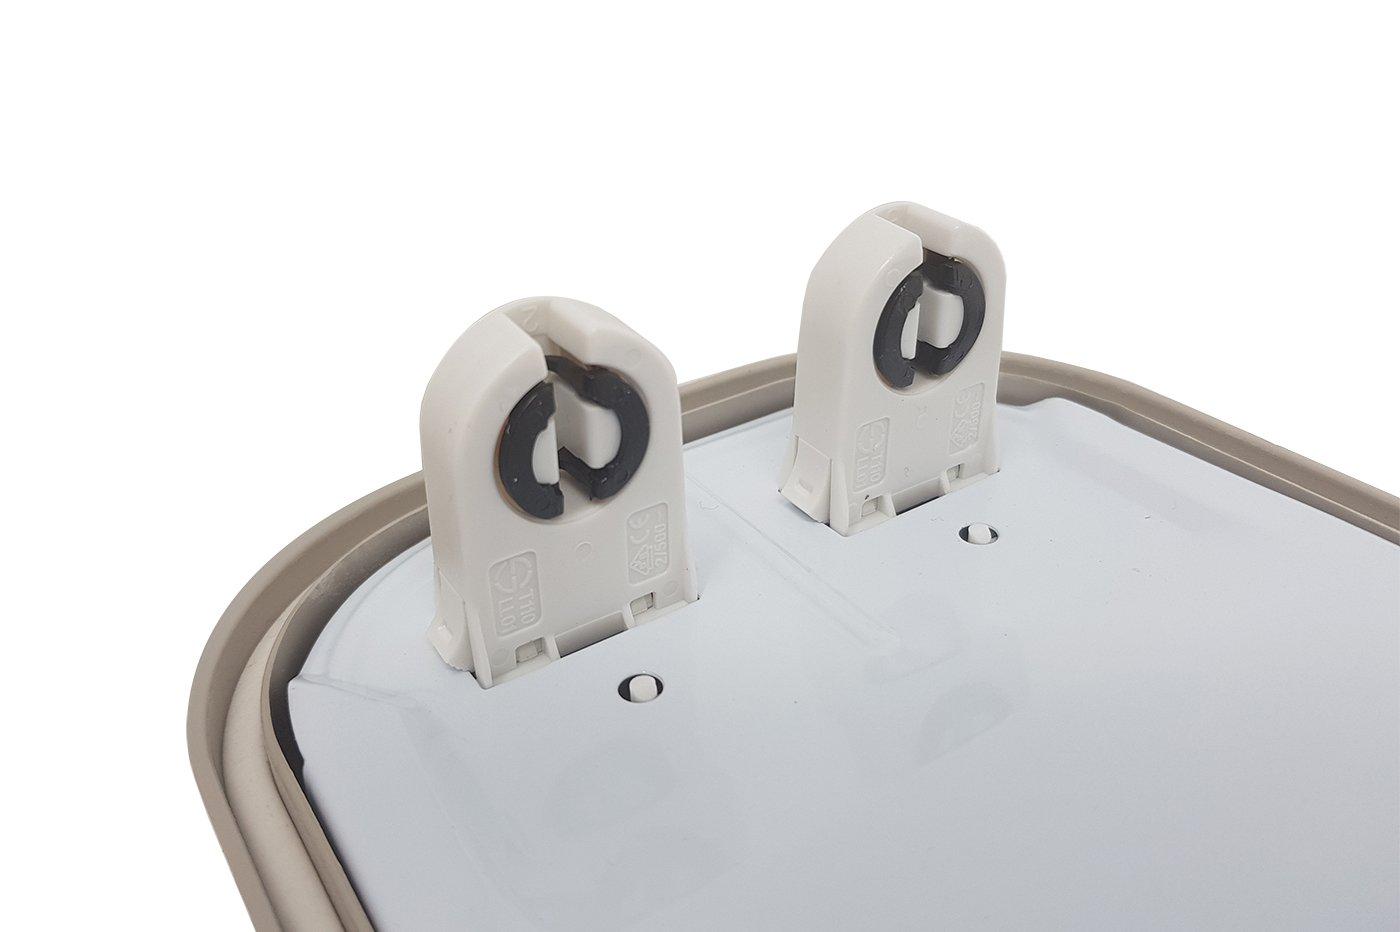 Plafoniera Doppio Neon 150 Cm : Plafoniera led stagna attacco doppio tubo neon t cm esterno